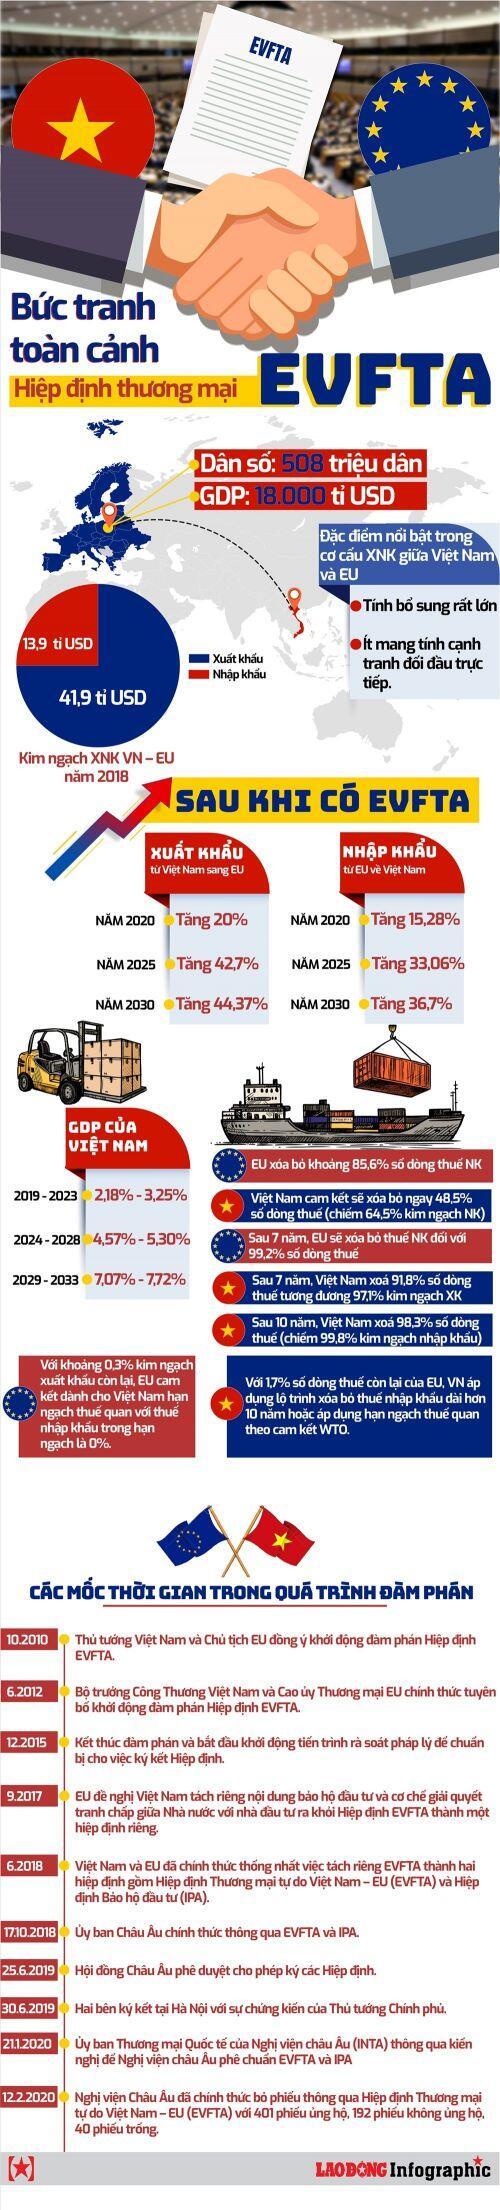 Bức tranh toàn cảnh về Hiệp định thương mại EVFTA